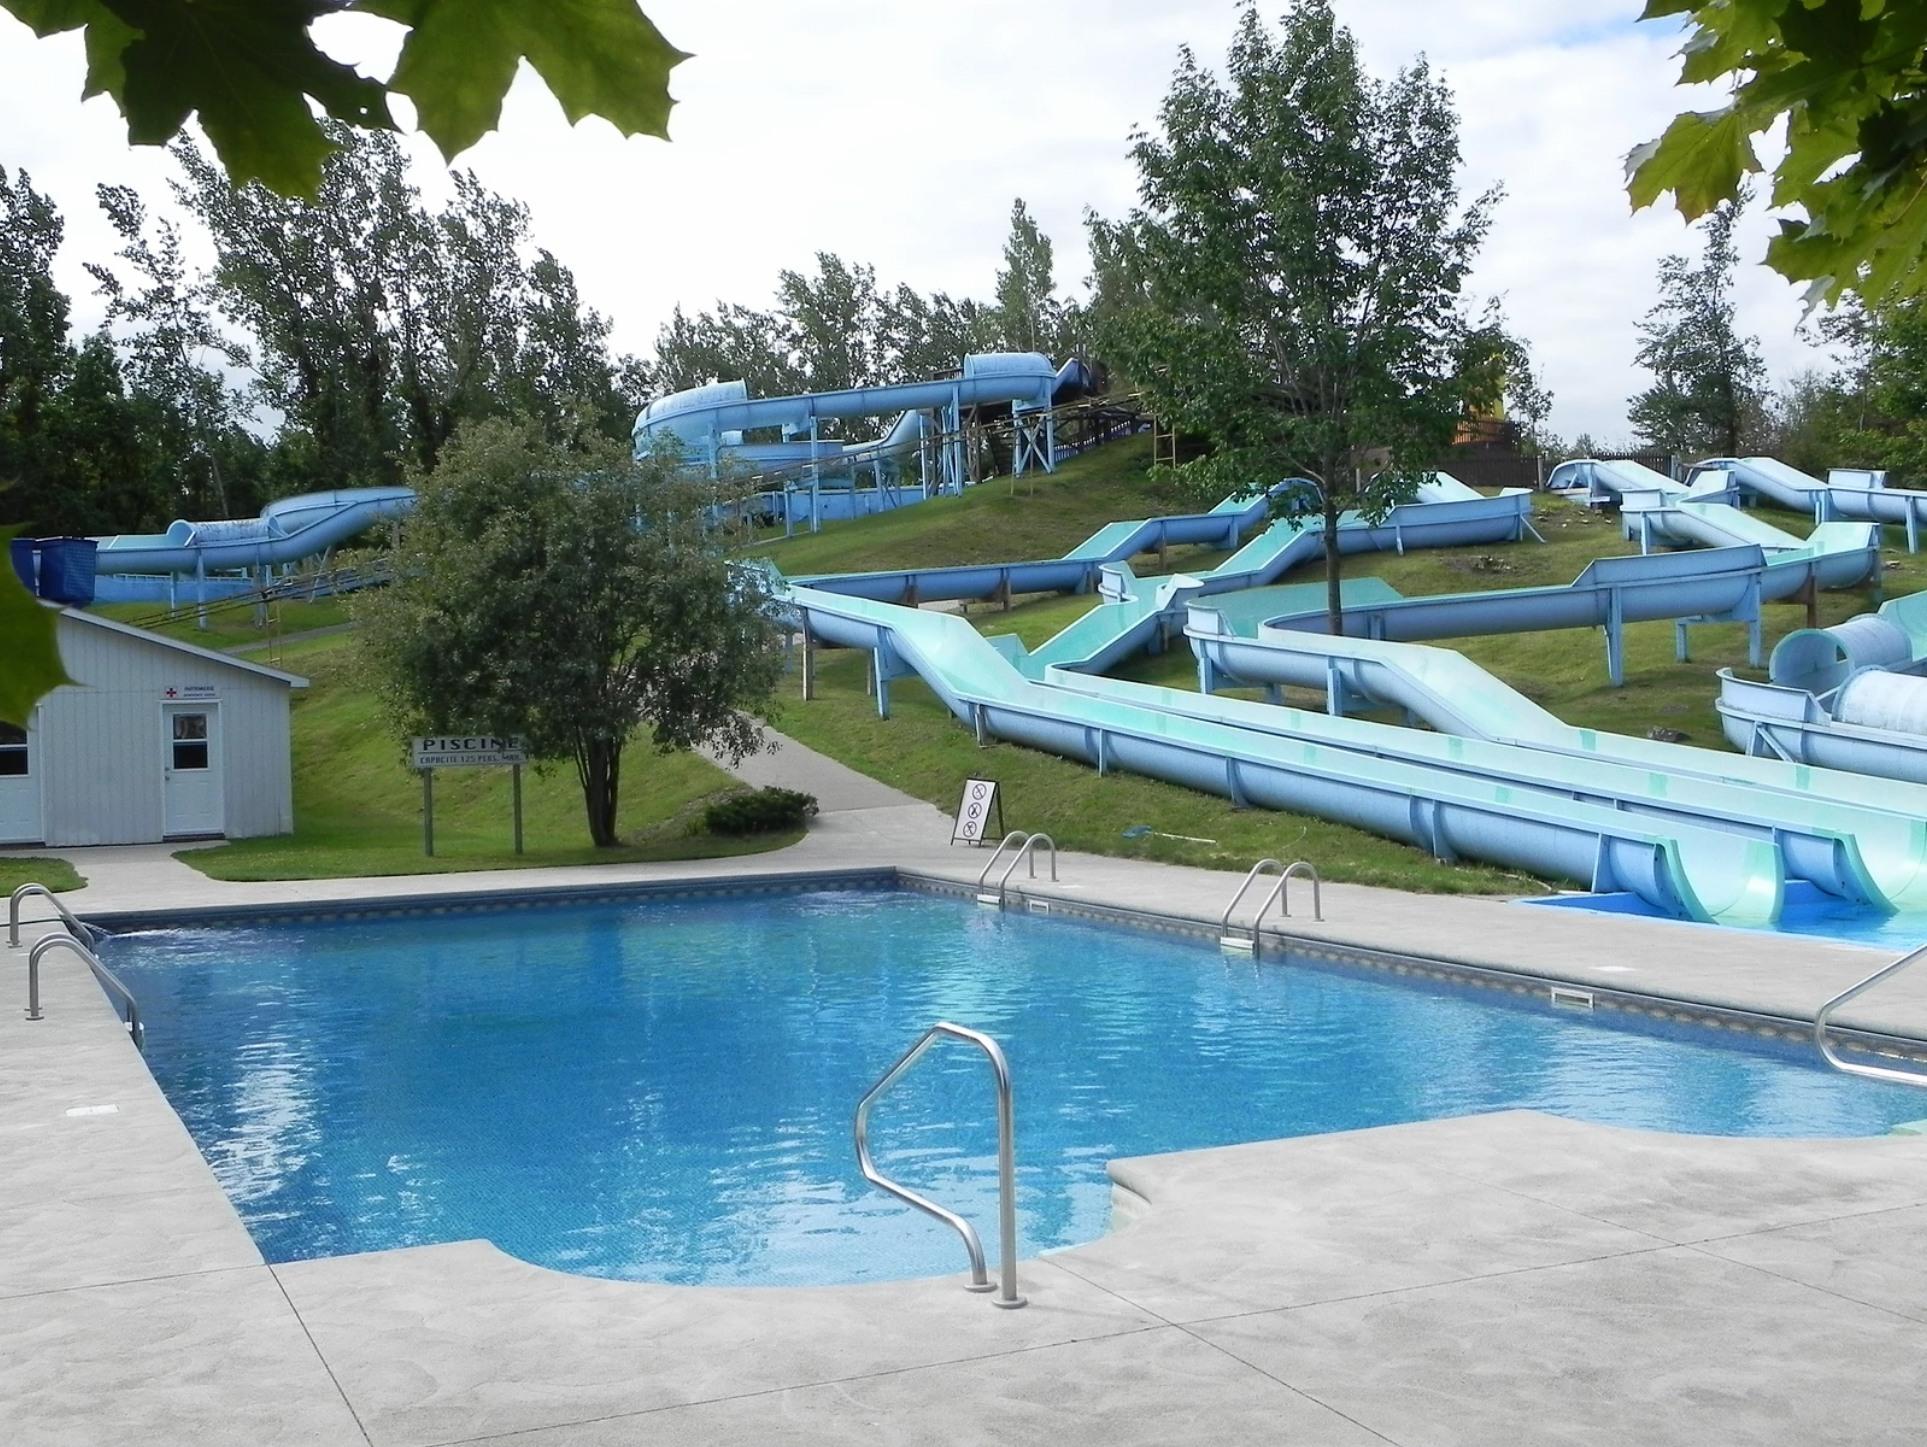 Aqua Parc St-Pie